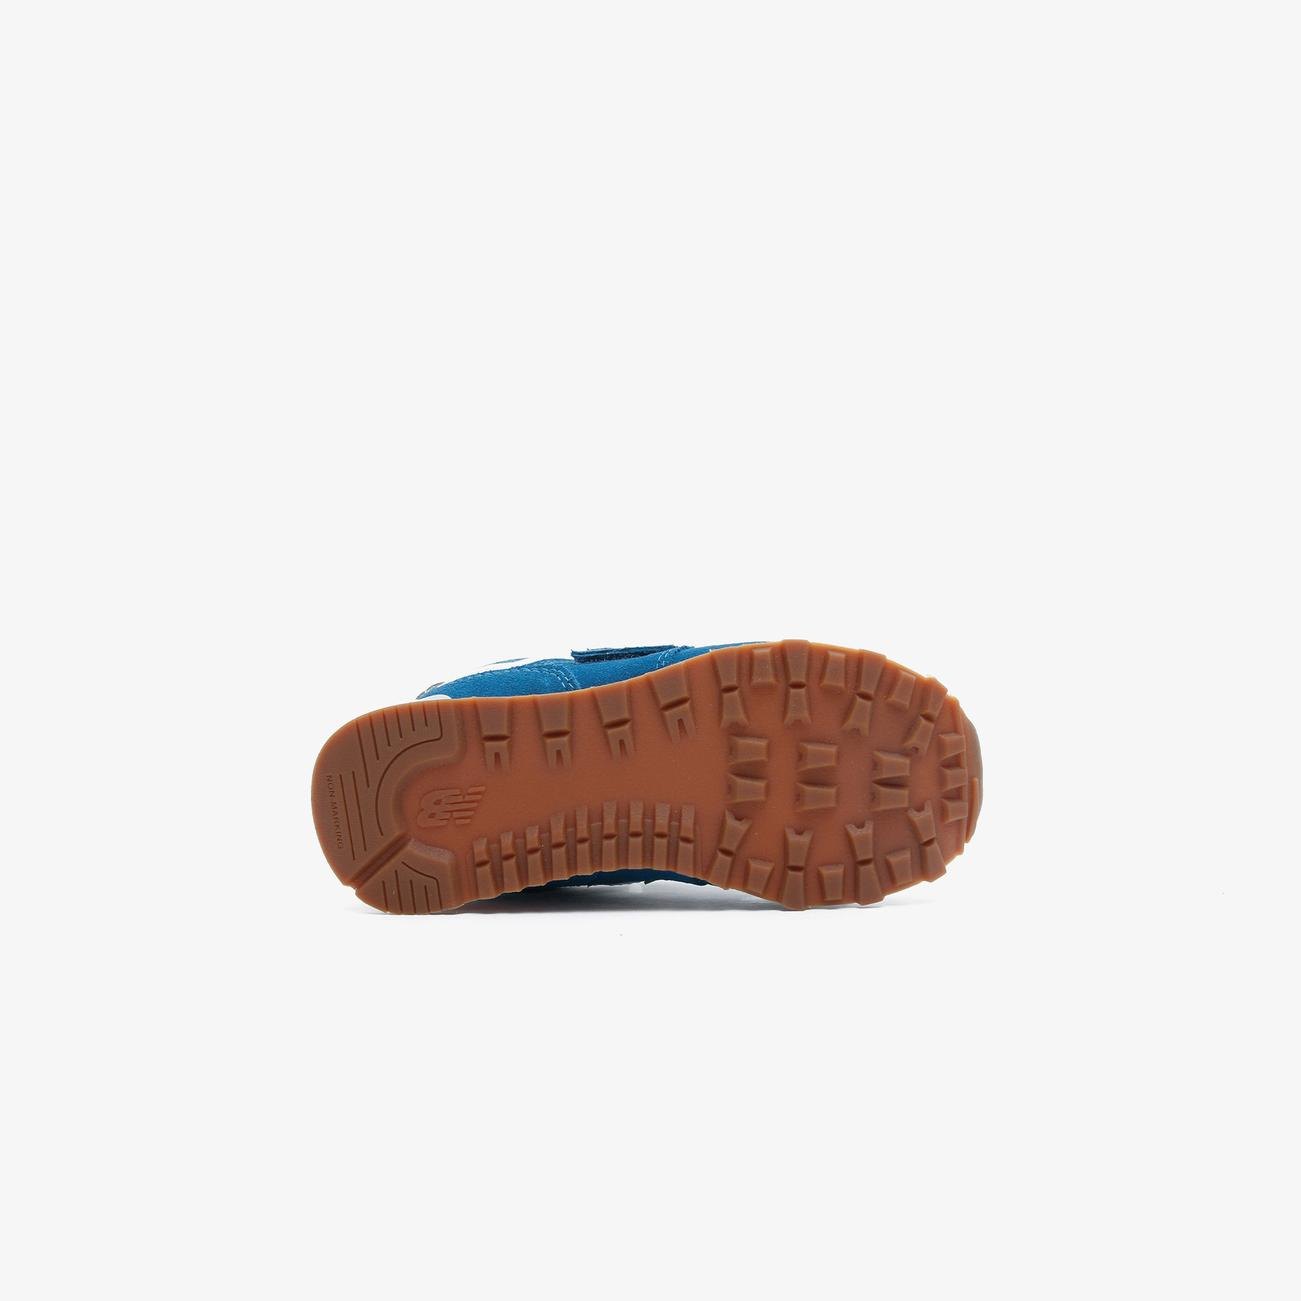 New Balance 574 Mavi Spor Ayakkabı